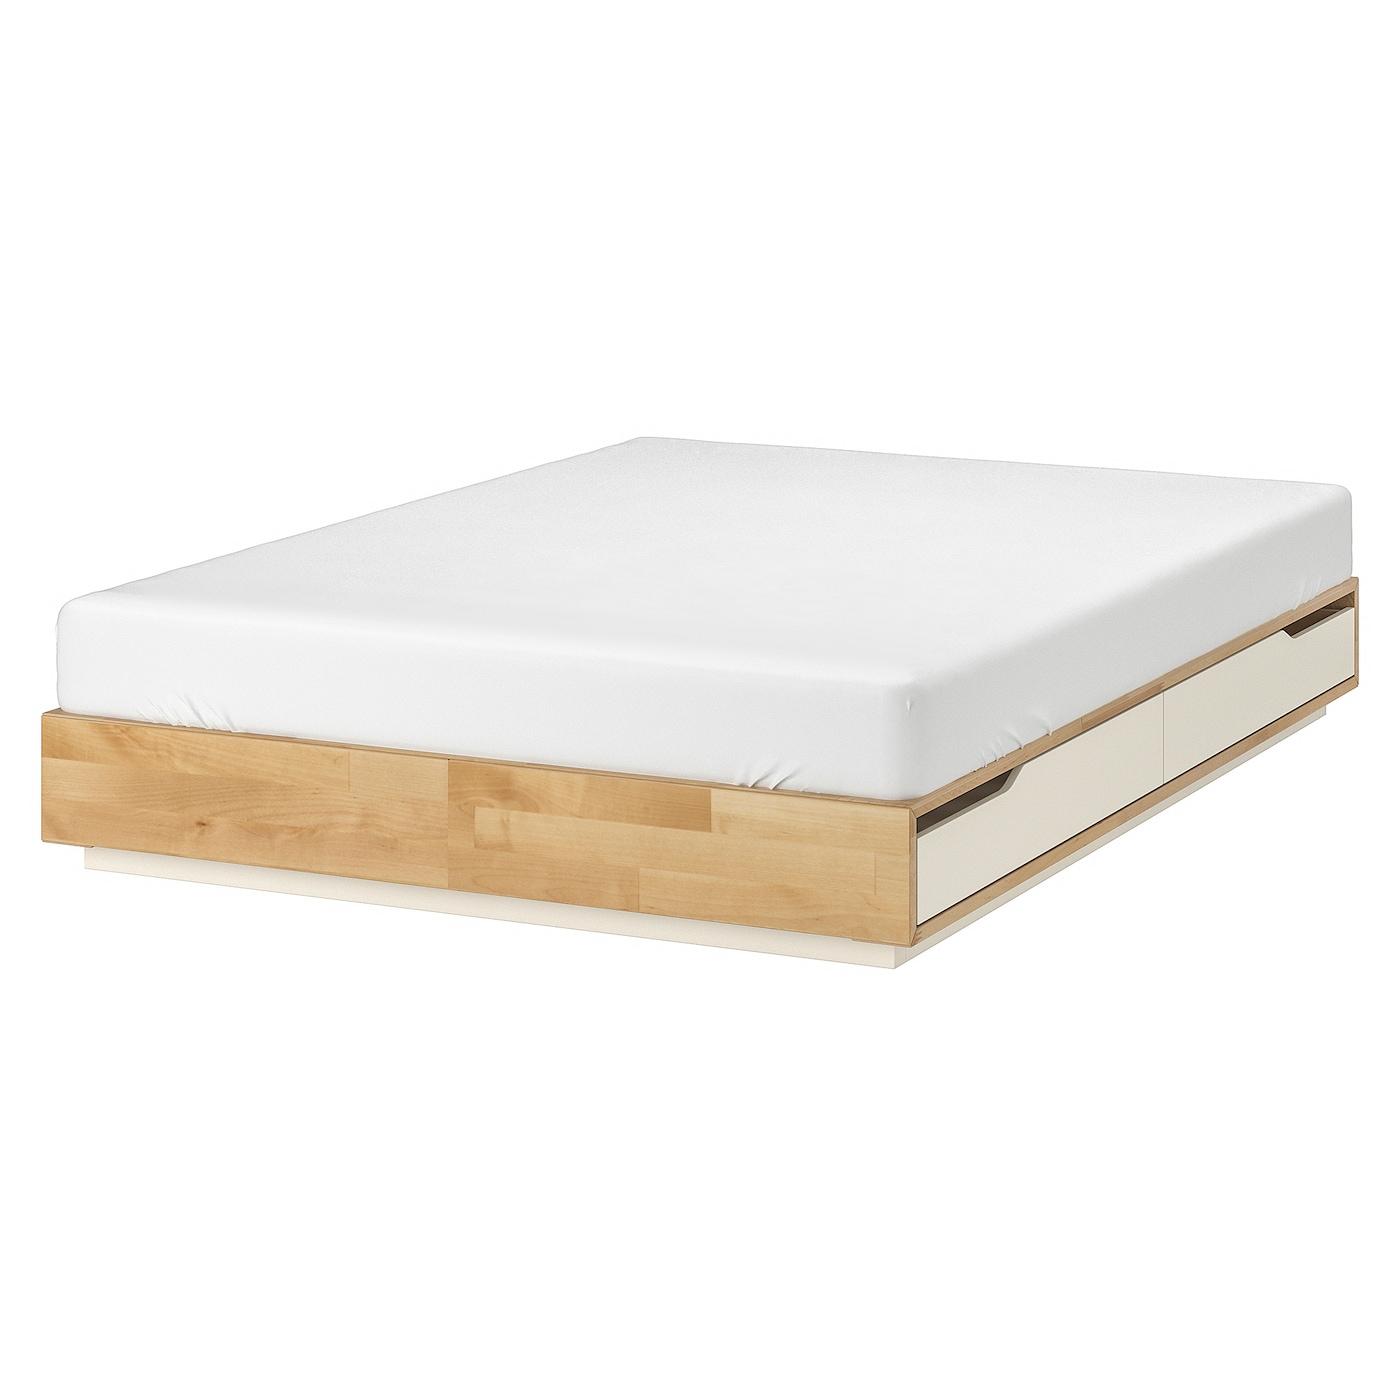 Full Size of Betten Bei Ikea 200x220 Jabo Günstige 180x200 Tempur Modulküche Außergewöhnliche Arbeitsplatte Küche Team 7 Coole Holz 160x200 überlänge Frankfurt Bett Betten Bei Ikea